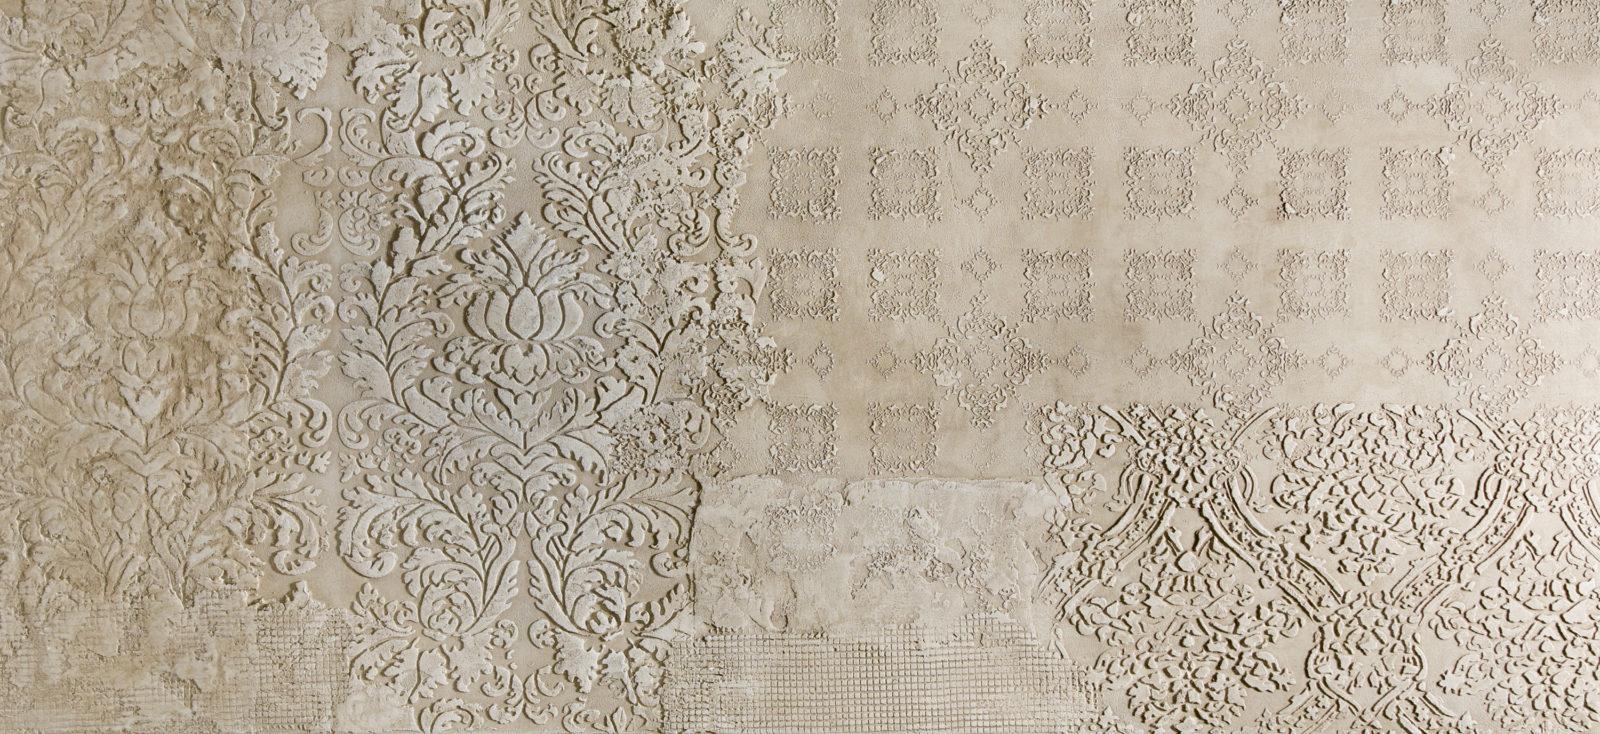 Авторская фактура. Арт-объект из декоративной штукатурки на стенах в интерьере